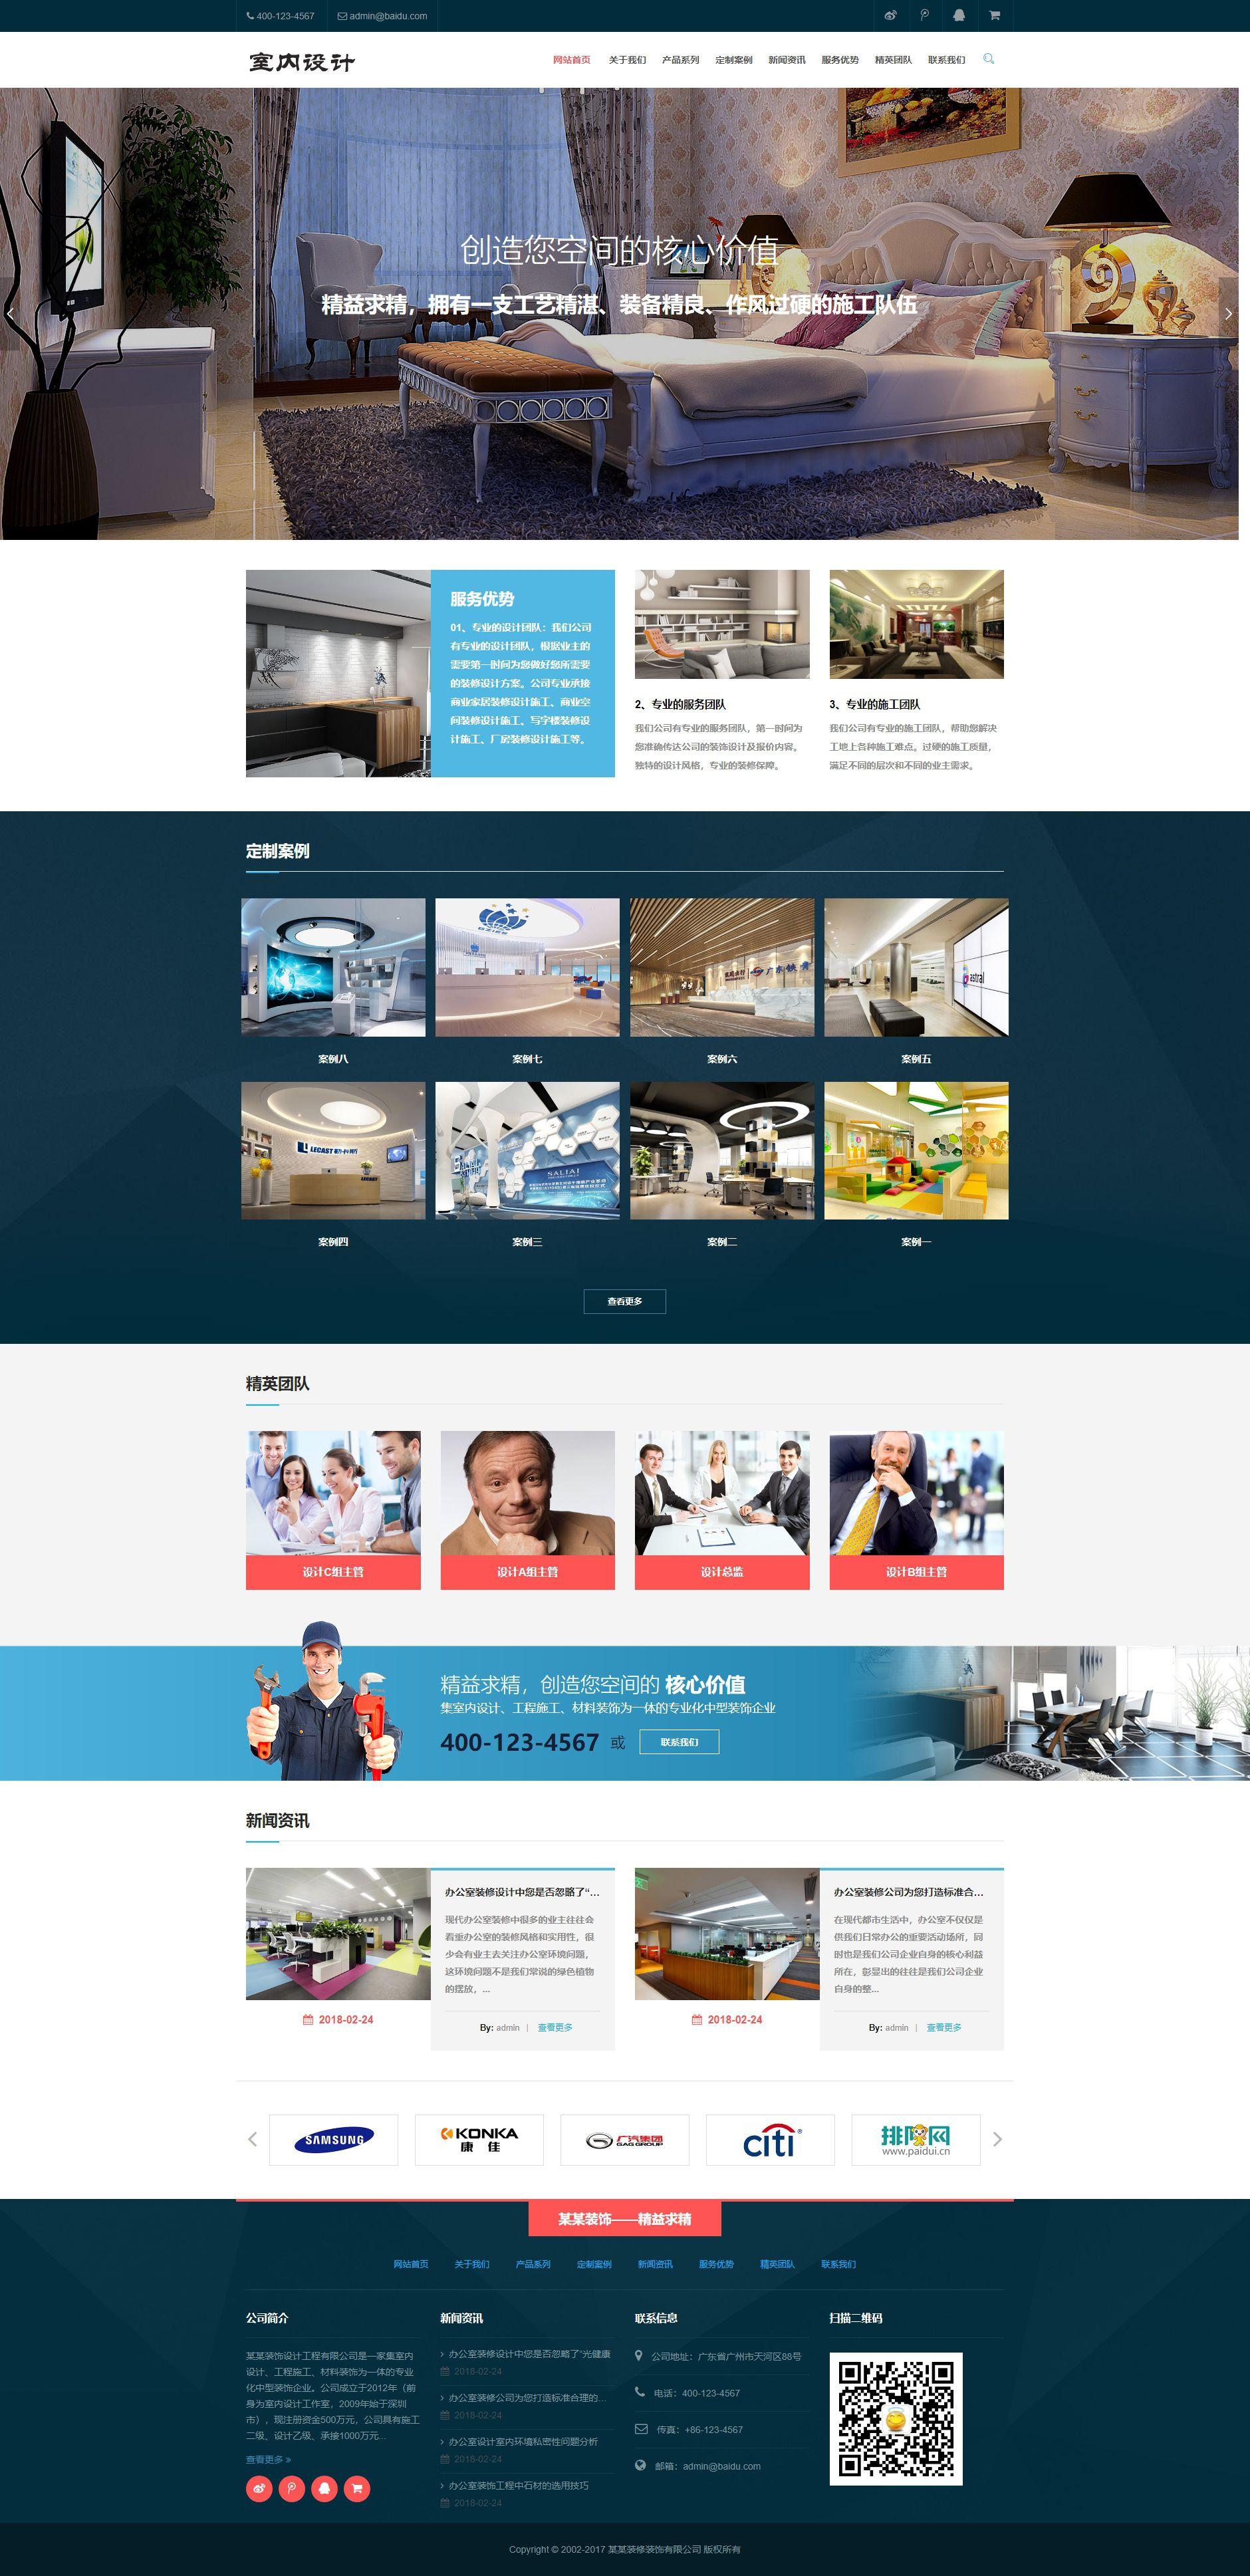 响应式室内设计工程施工类网站织梦dedecms模板(自适应手机端)